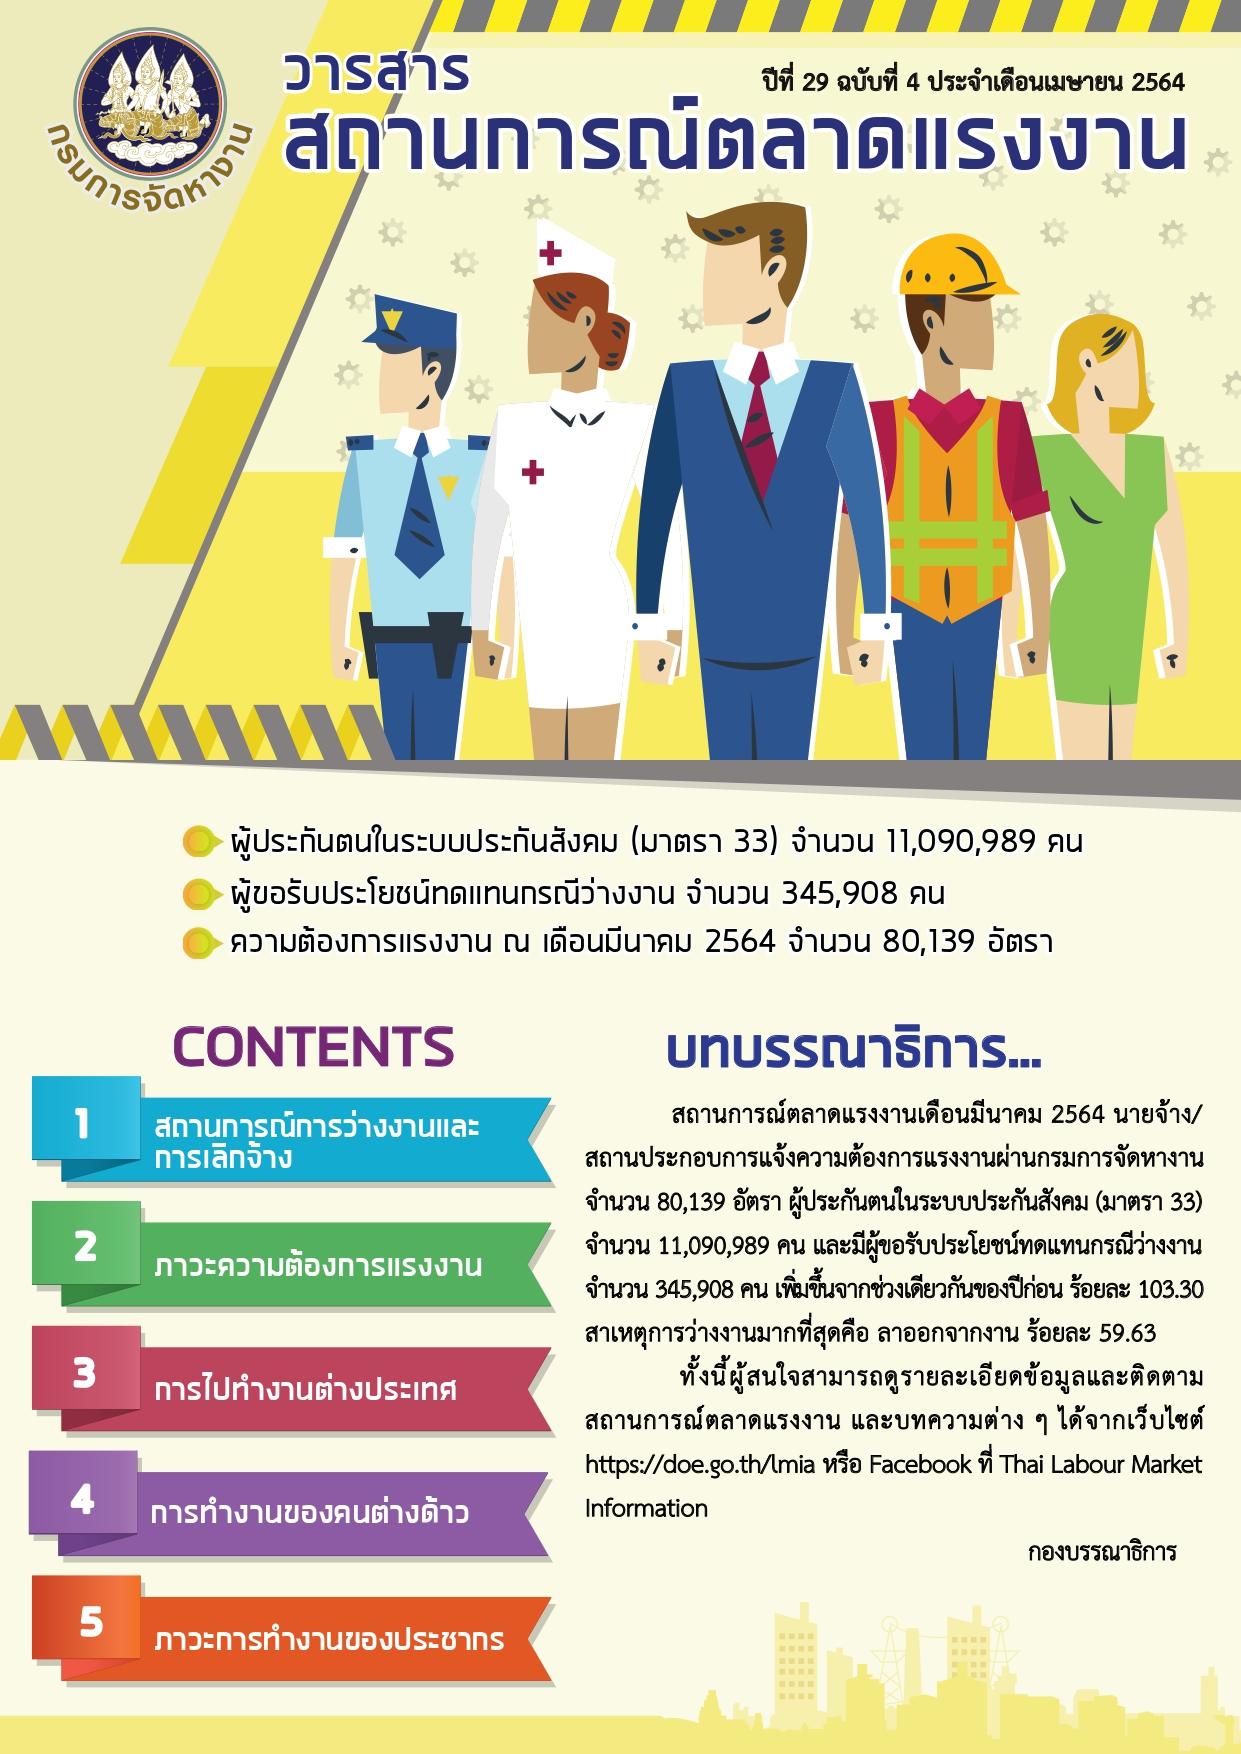 วารสารสถานการณ์ตลาดแรงงานประจำเดือนเมษายน 2564